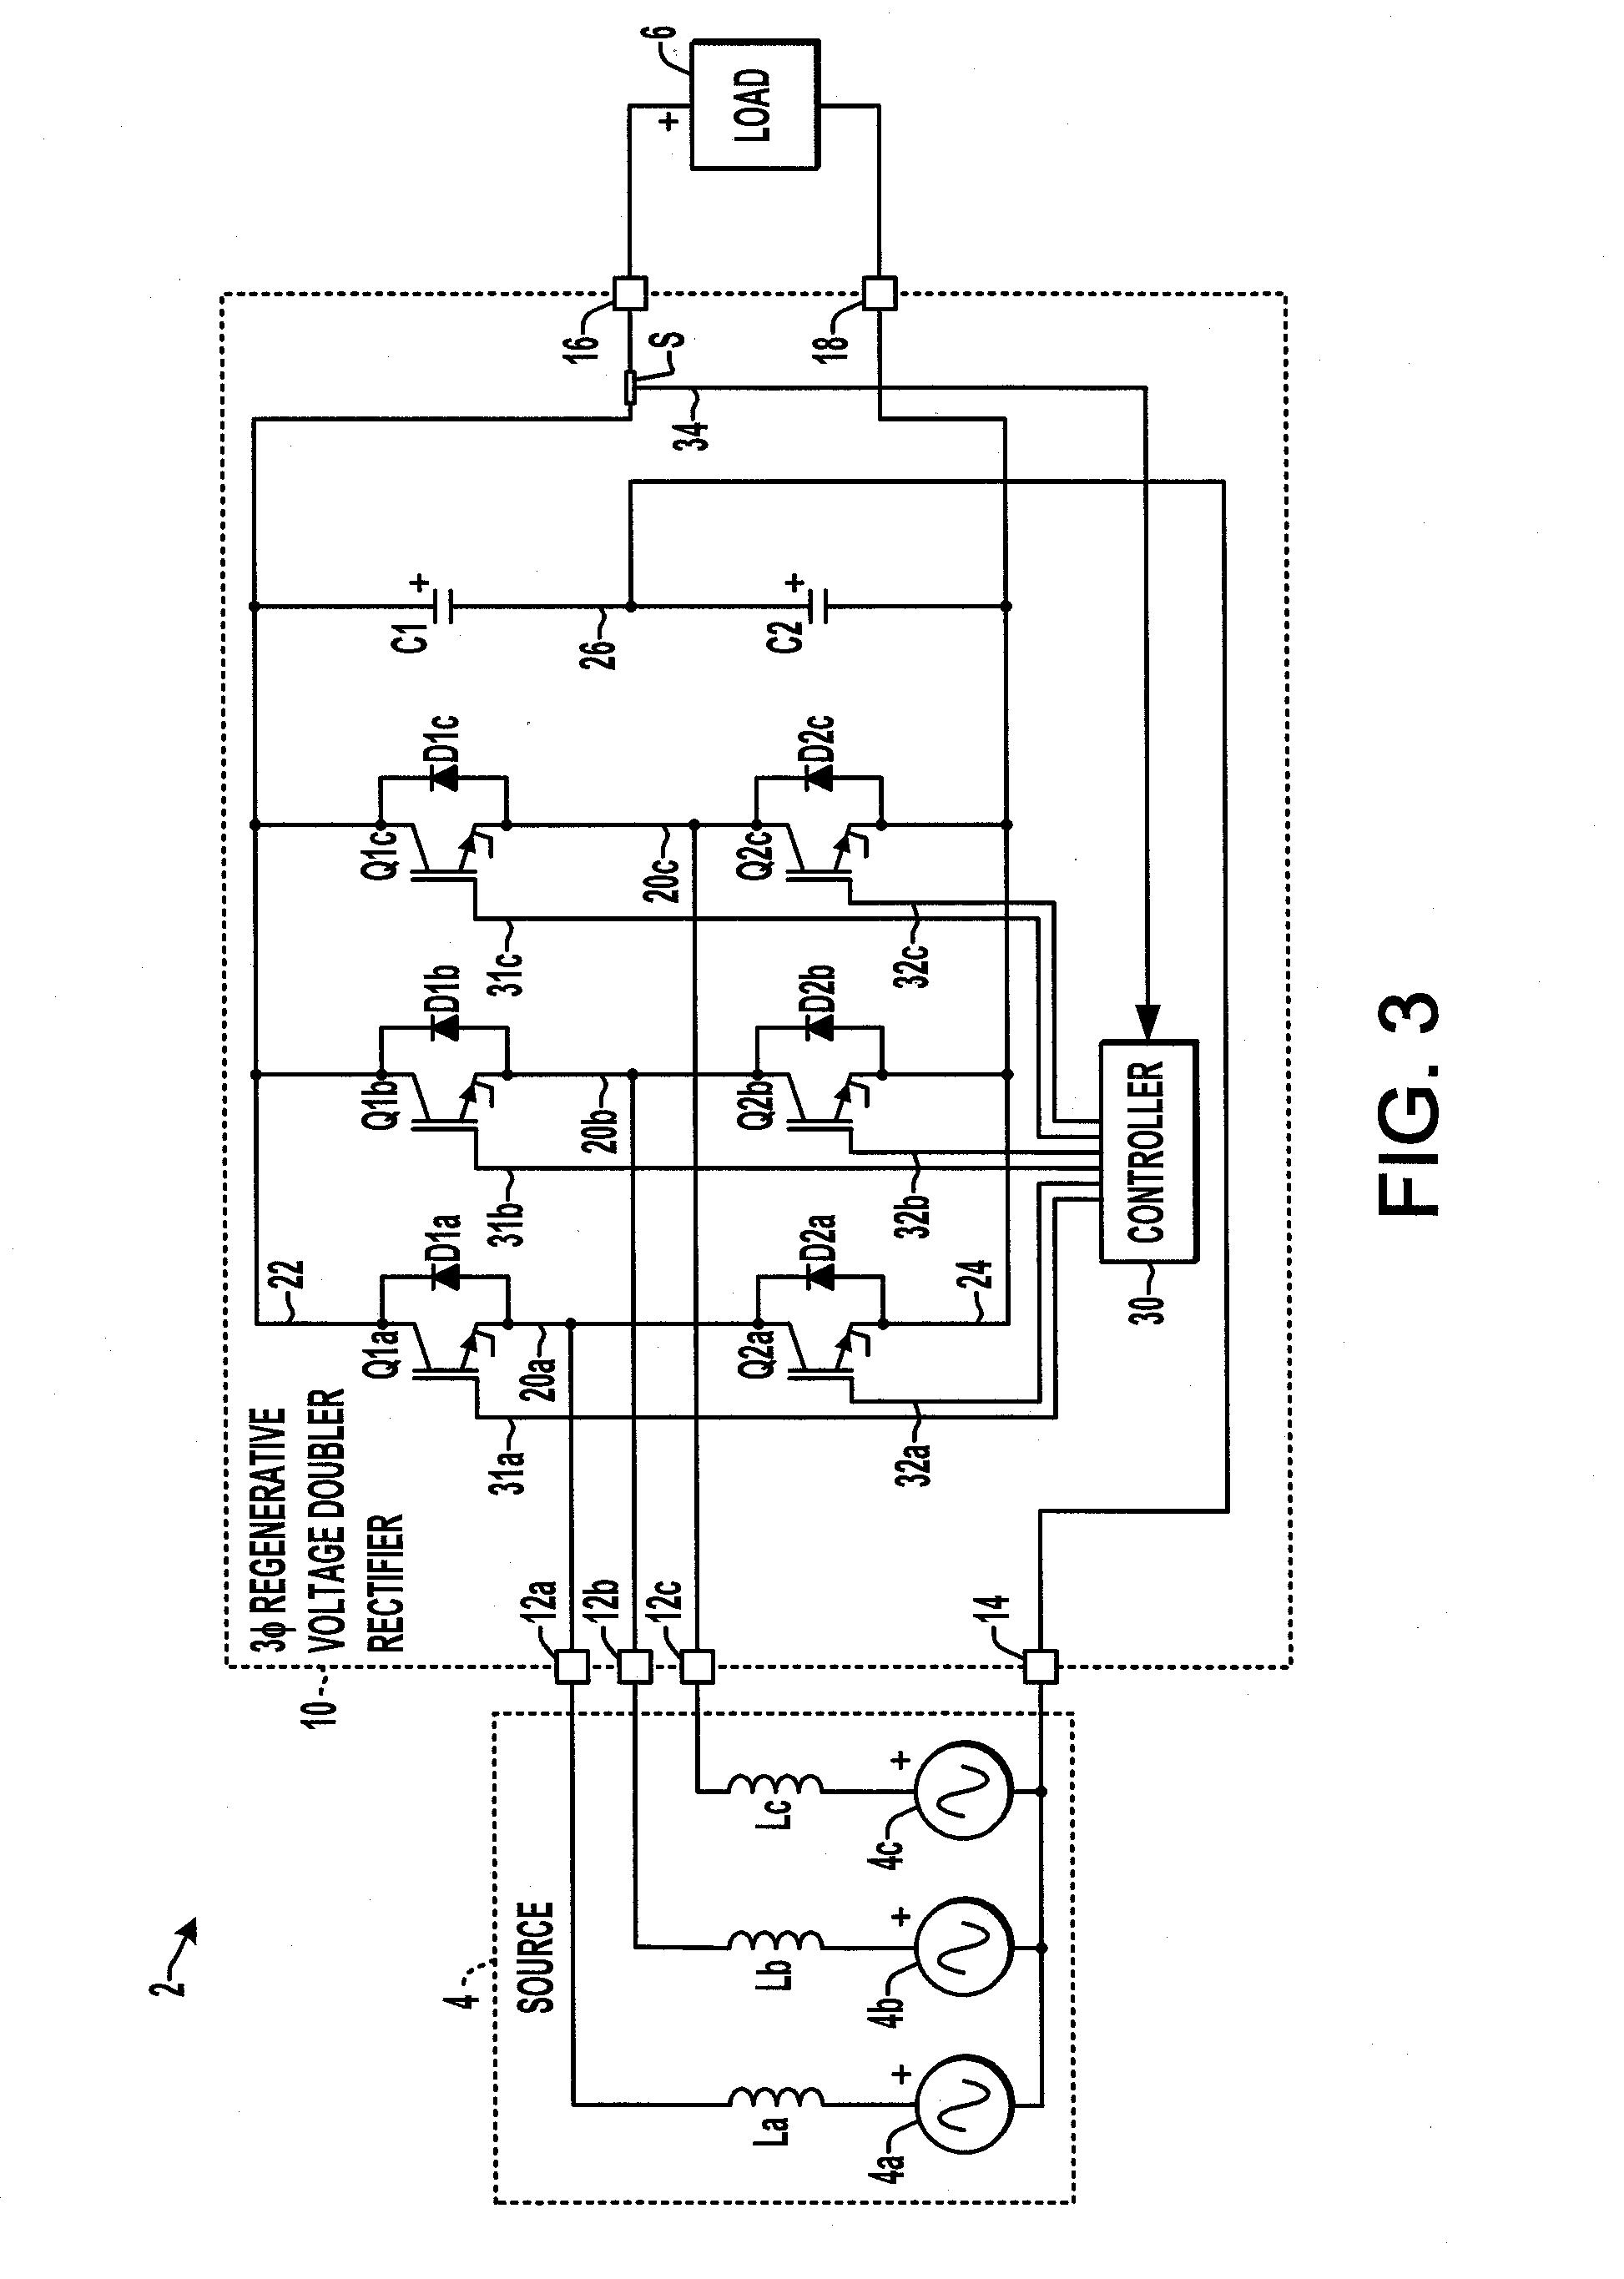 patent us20140104896